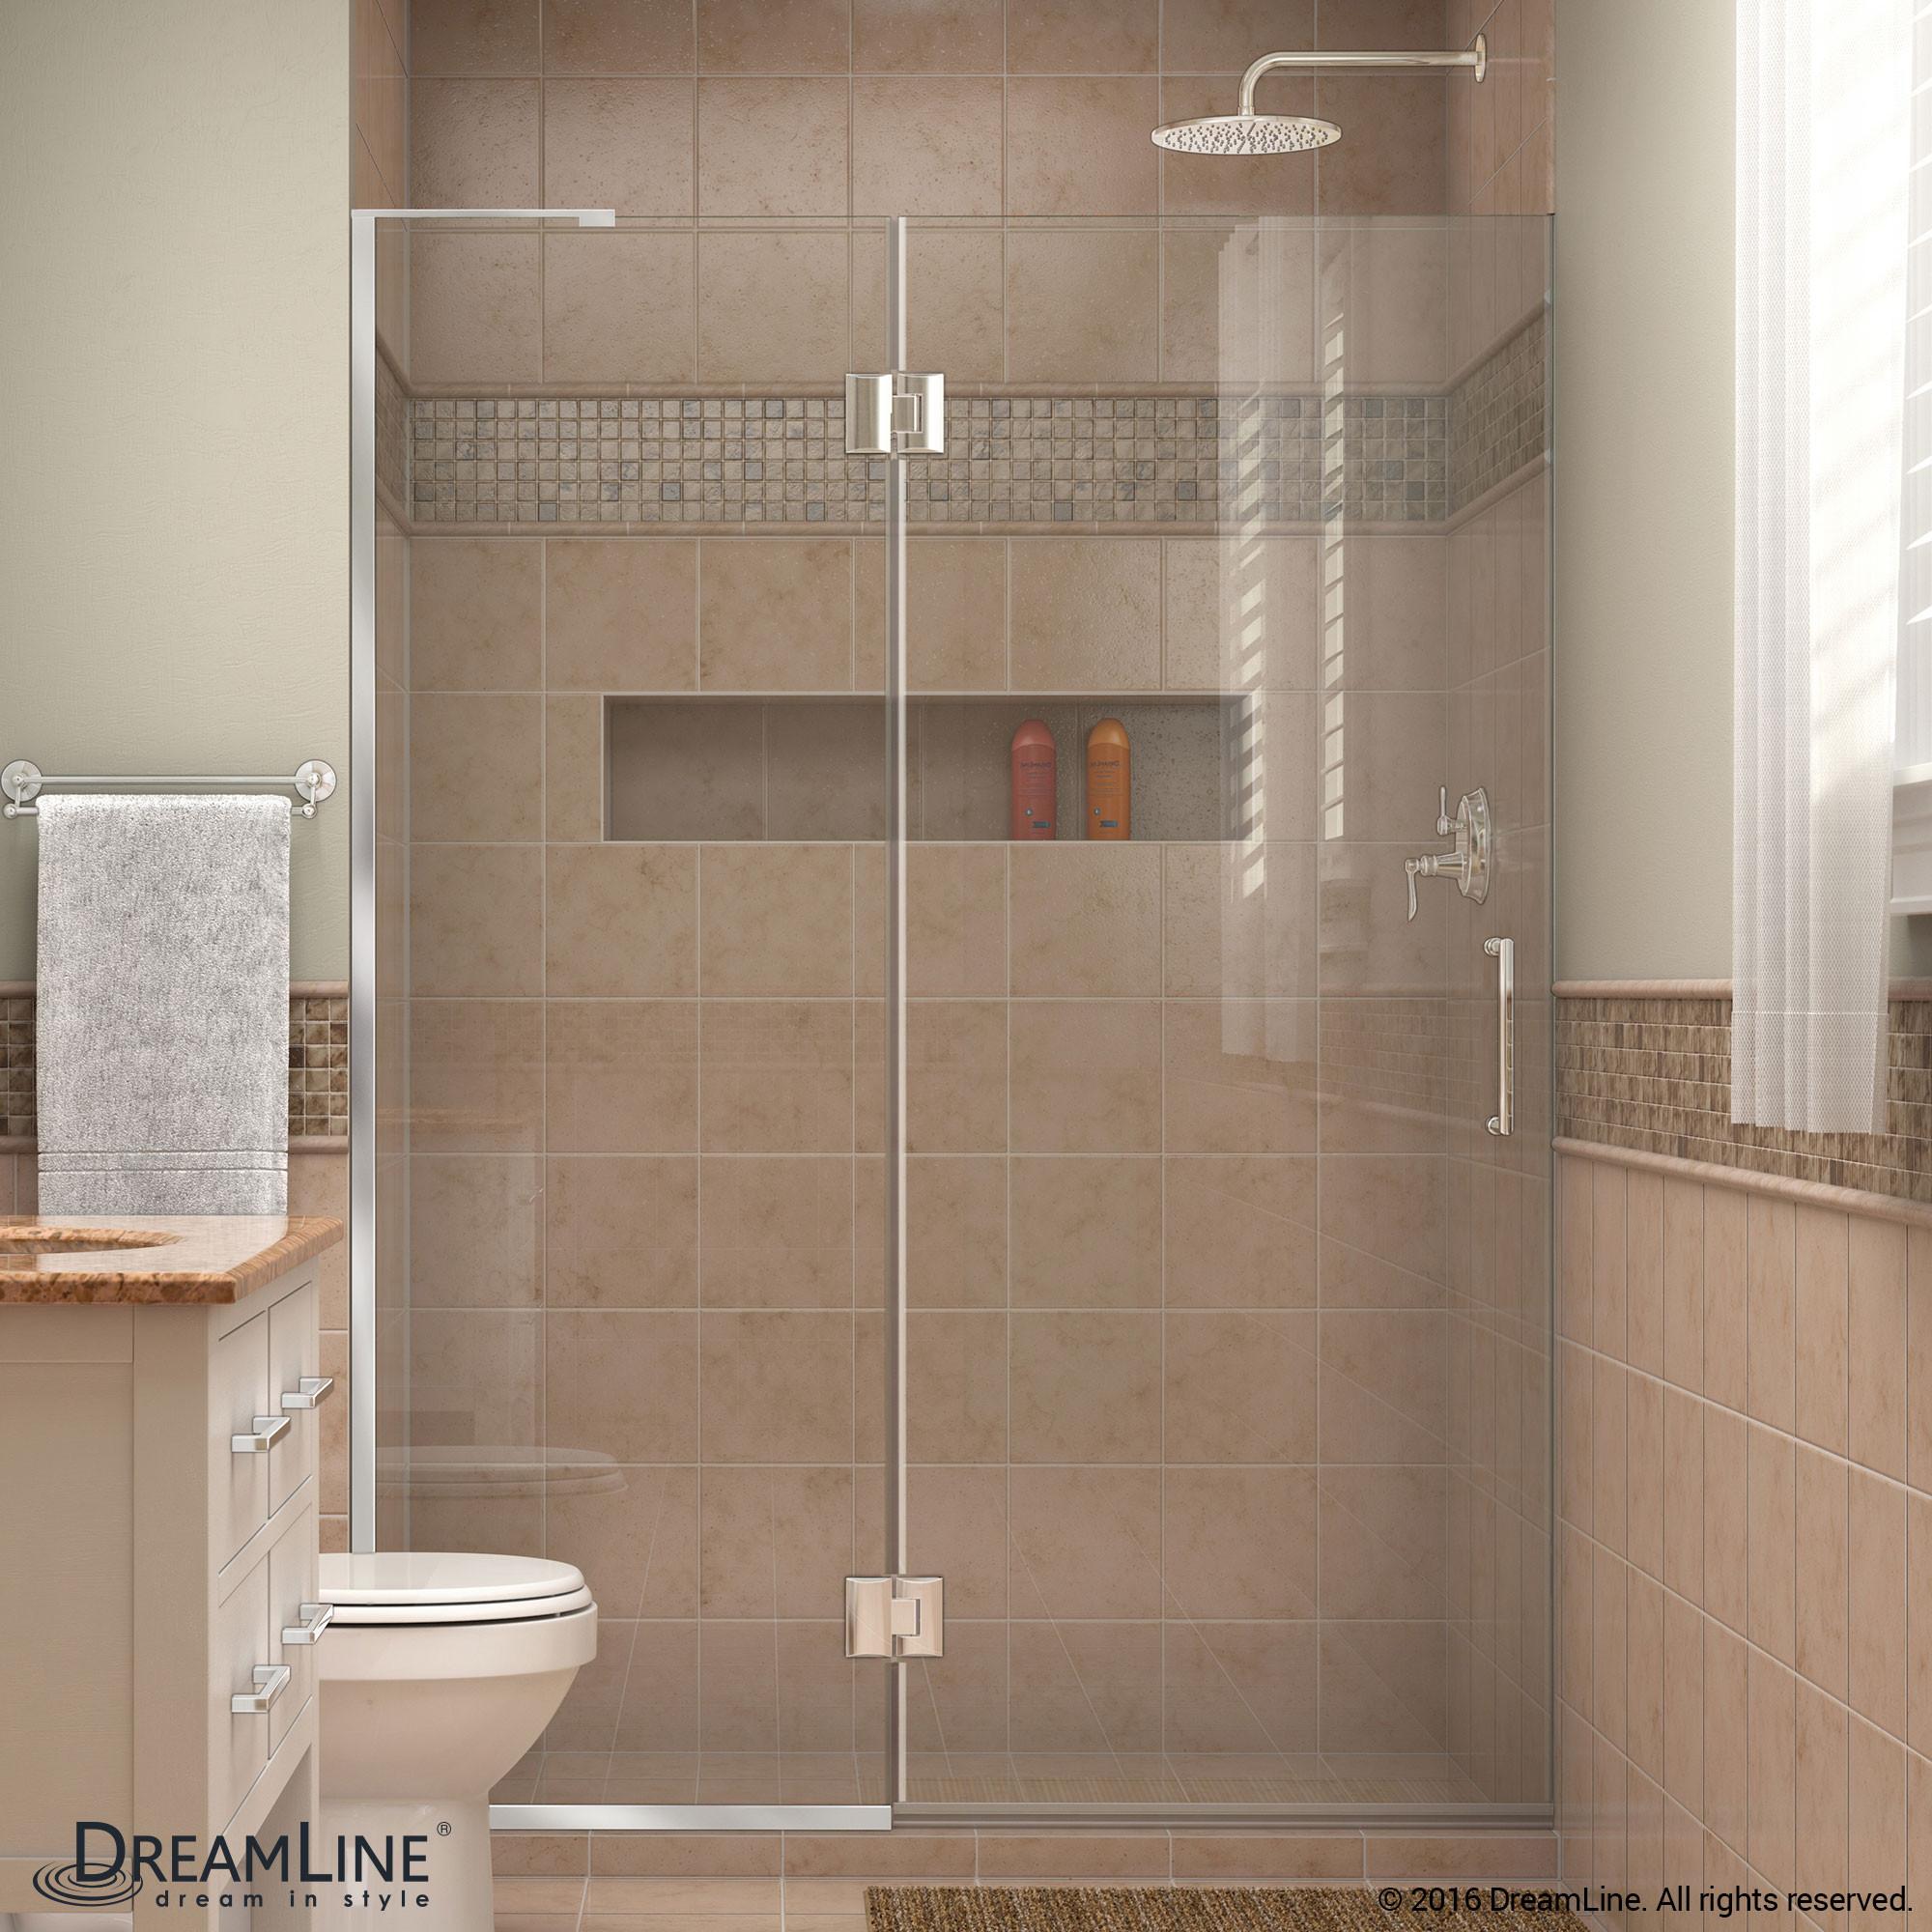 DreamLine D32372L-01 Chrome Unidoor-X Hinged Shower Door With Left-wall Bracket